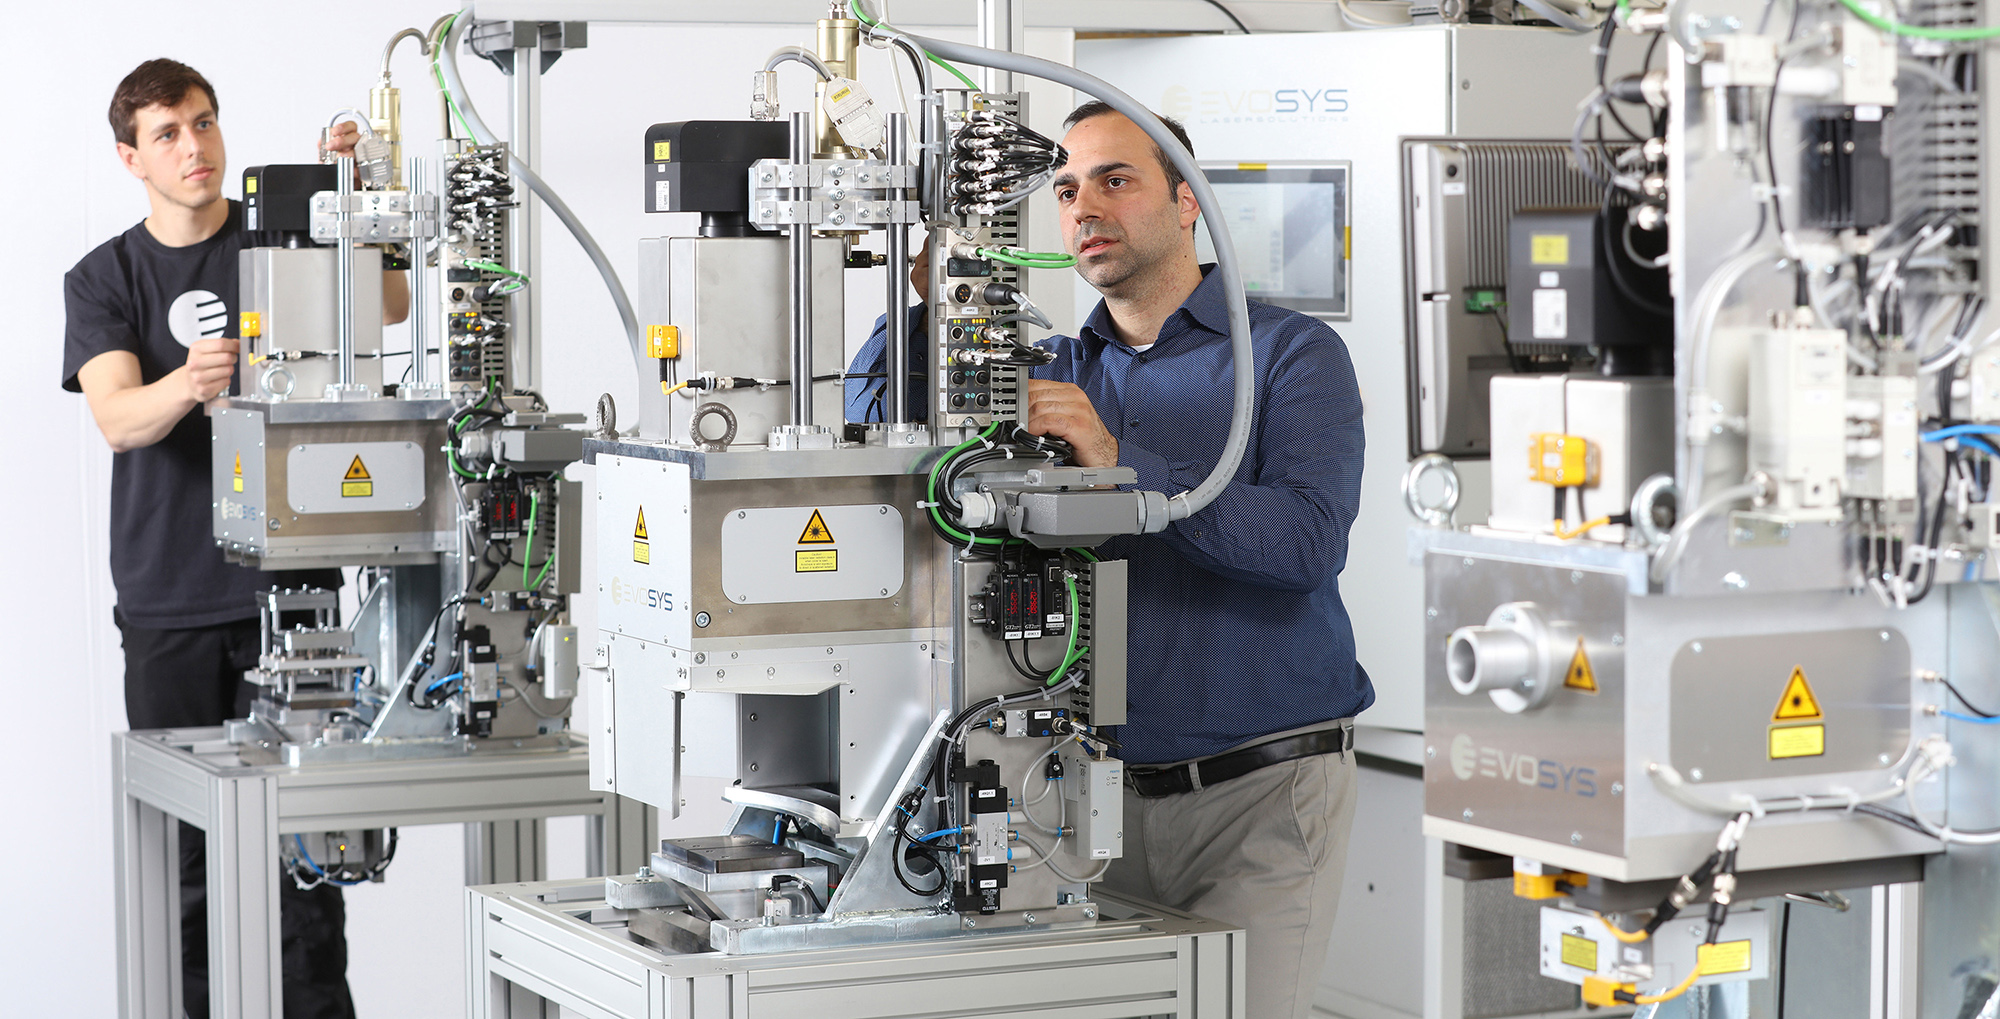 Die Evosys Laser GmbH erzielte mithilfe des Solid System Teams durchgängige digitale Prozesse.